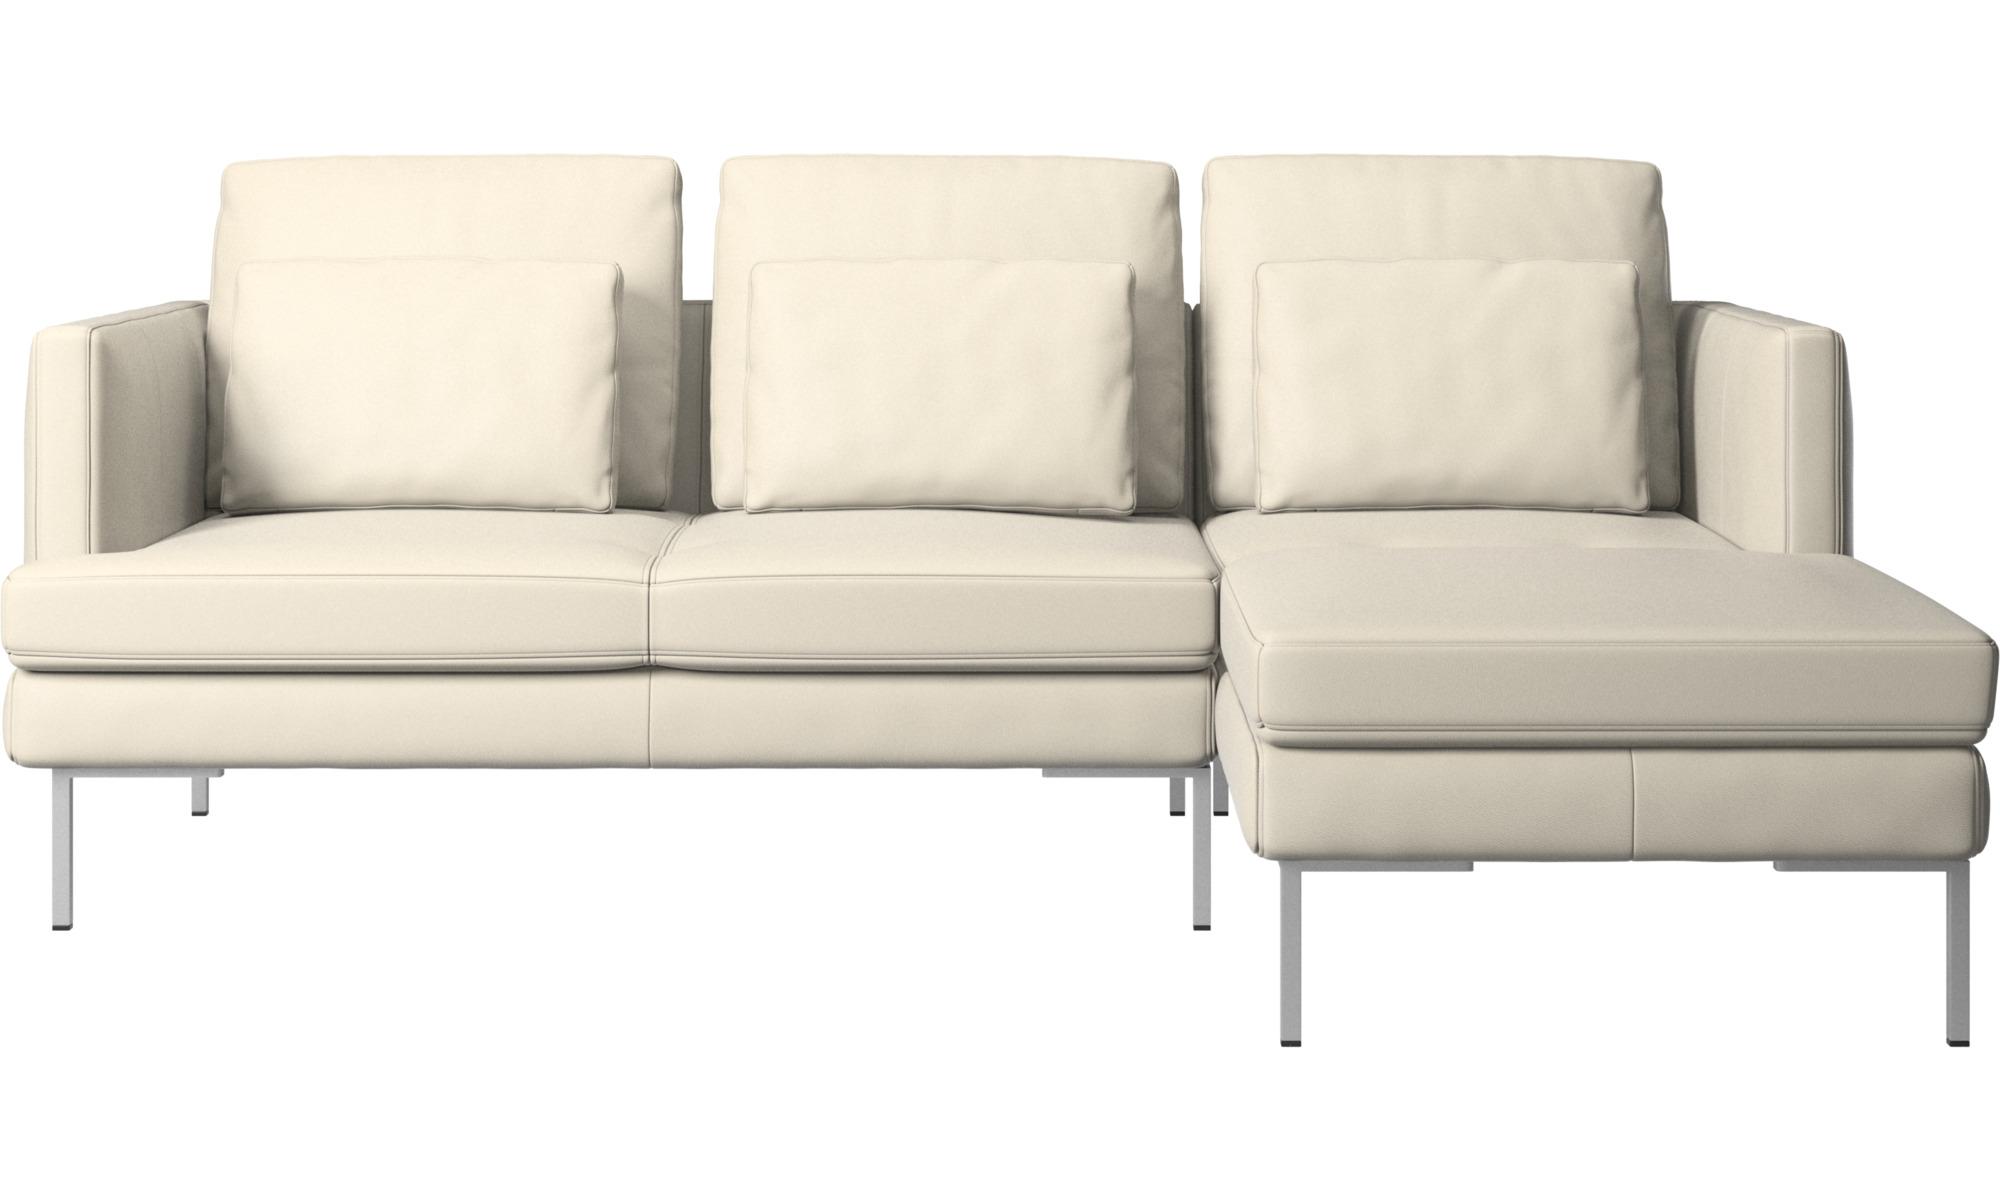 Canapés avec chaise longue - Canapé Istra 2 avec chaise longue - Blanc - Cuir